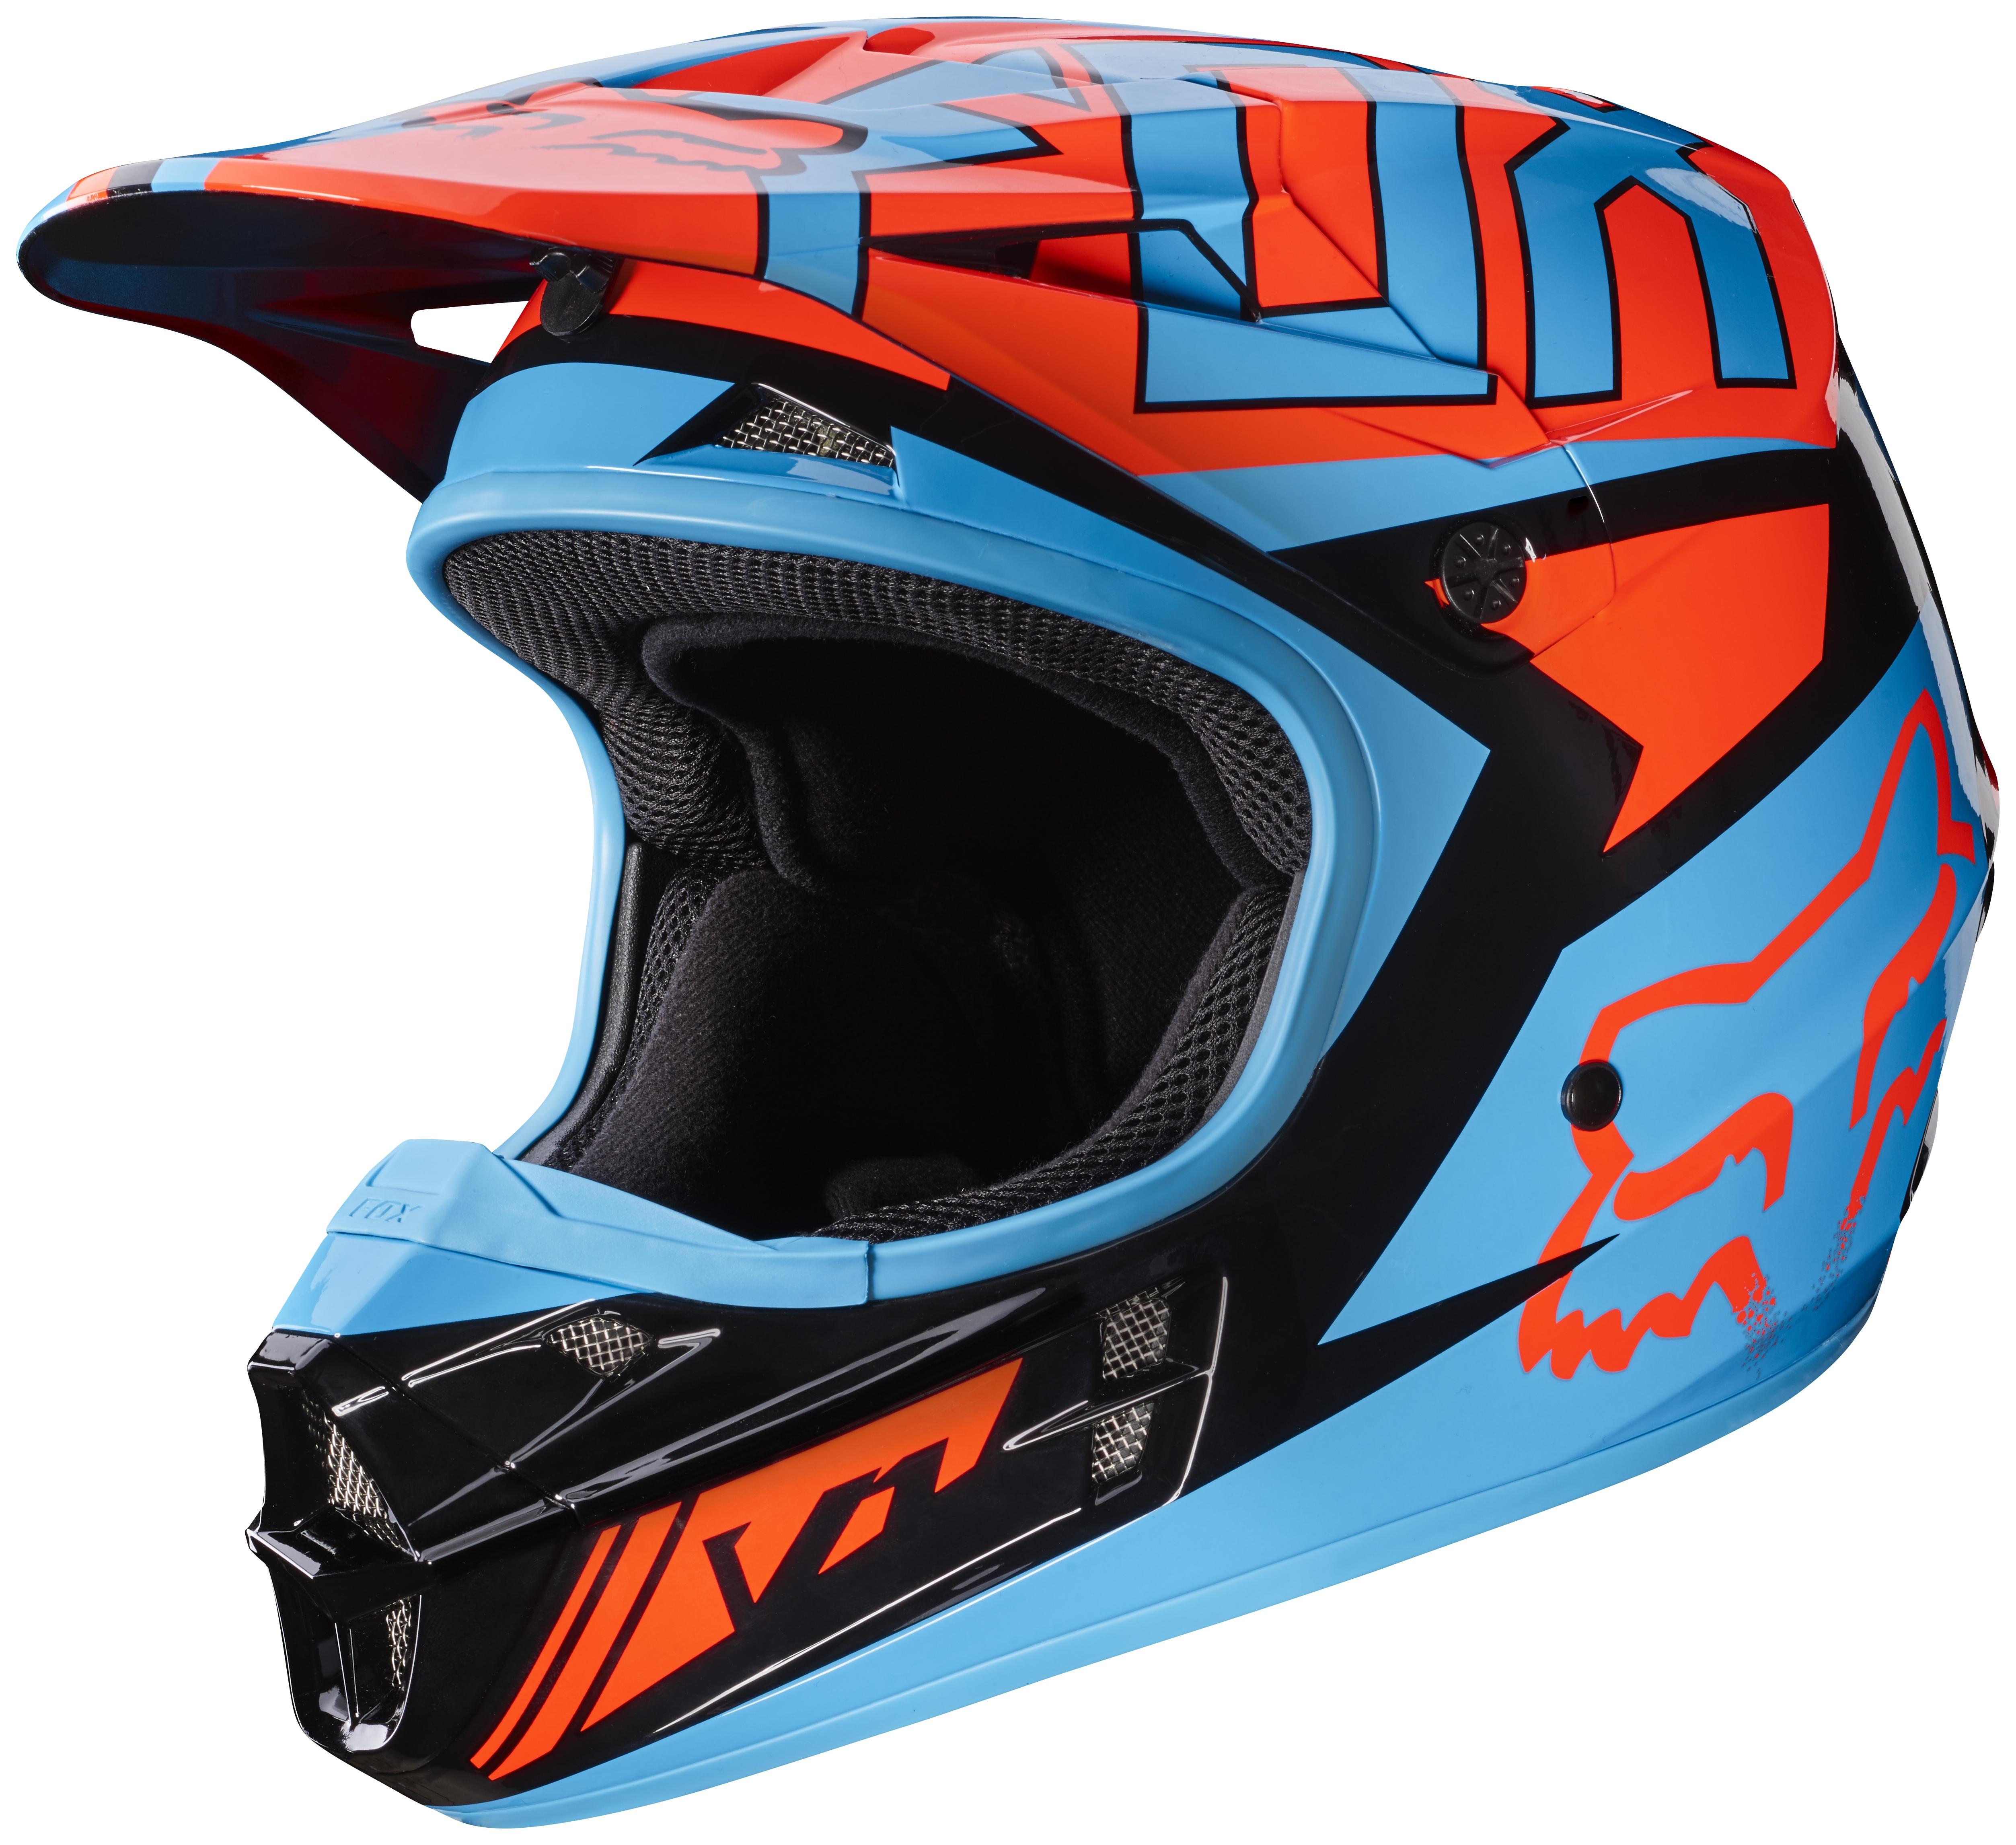 Fox Racing V1 Falcon Helmet 35 59 48 Off Revzilla